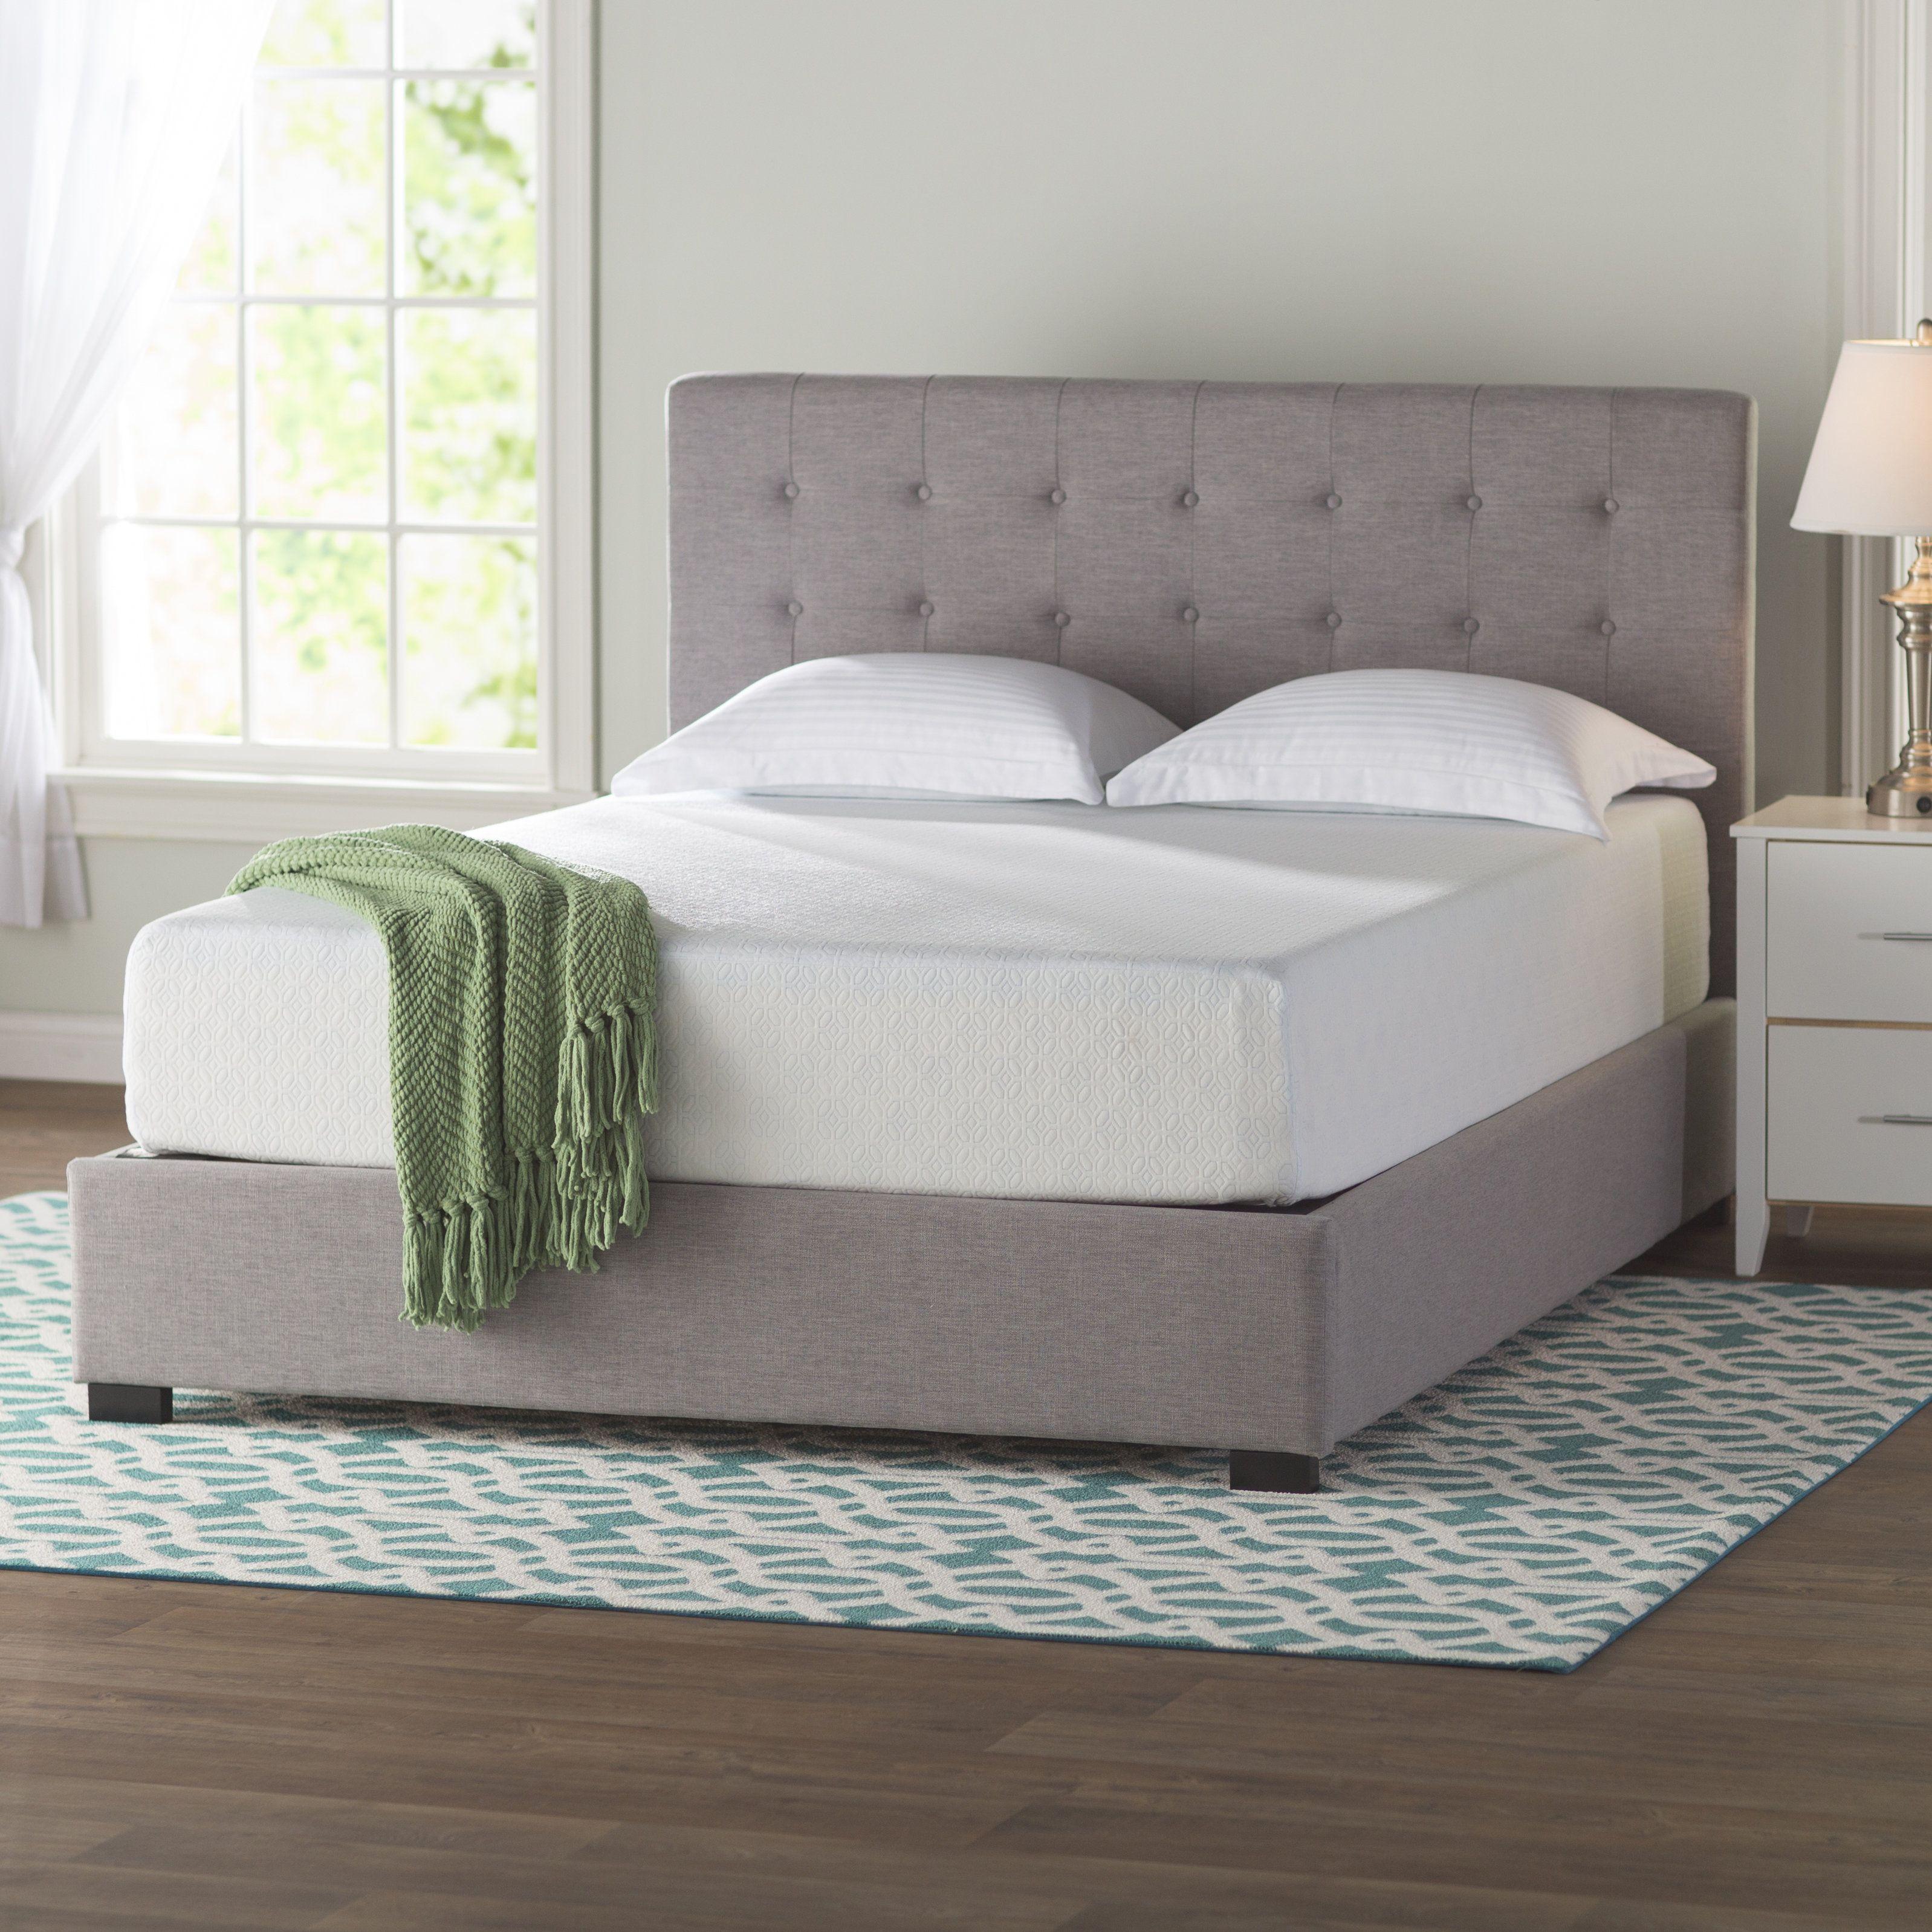 Dicus Horizontal Murphy Bed with Mattress Mattress, Foam